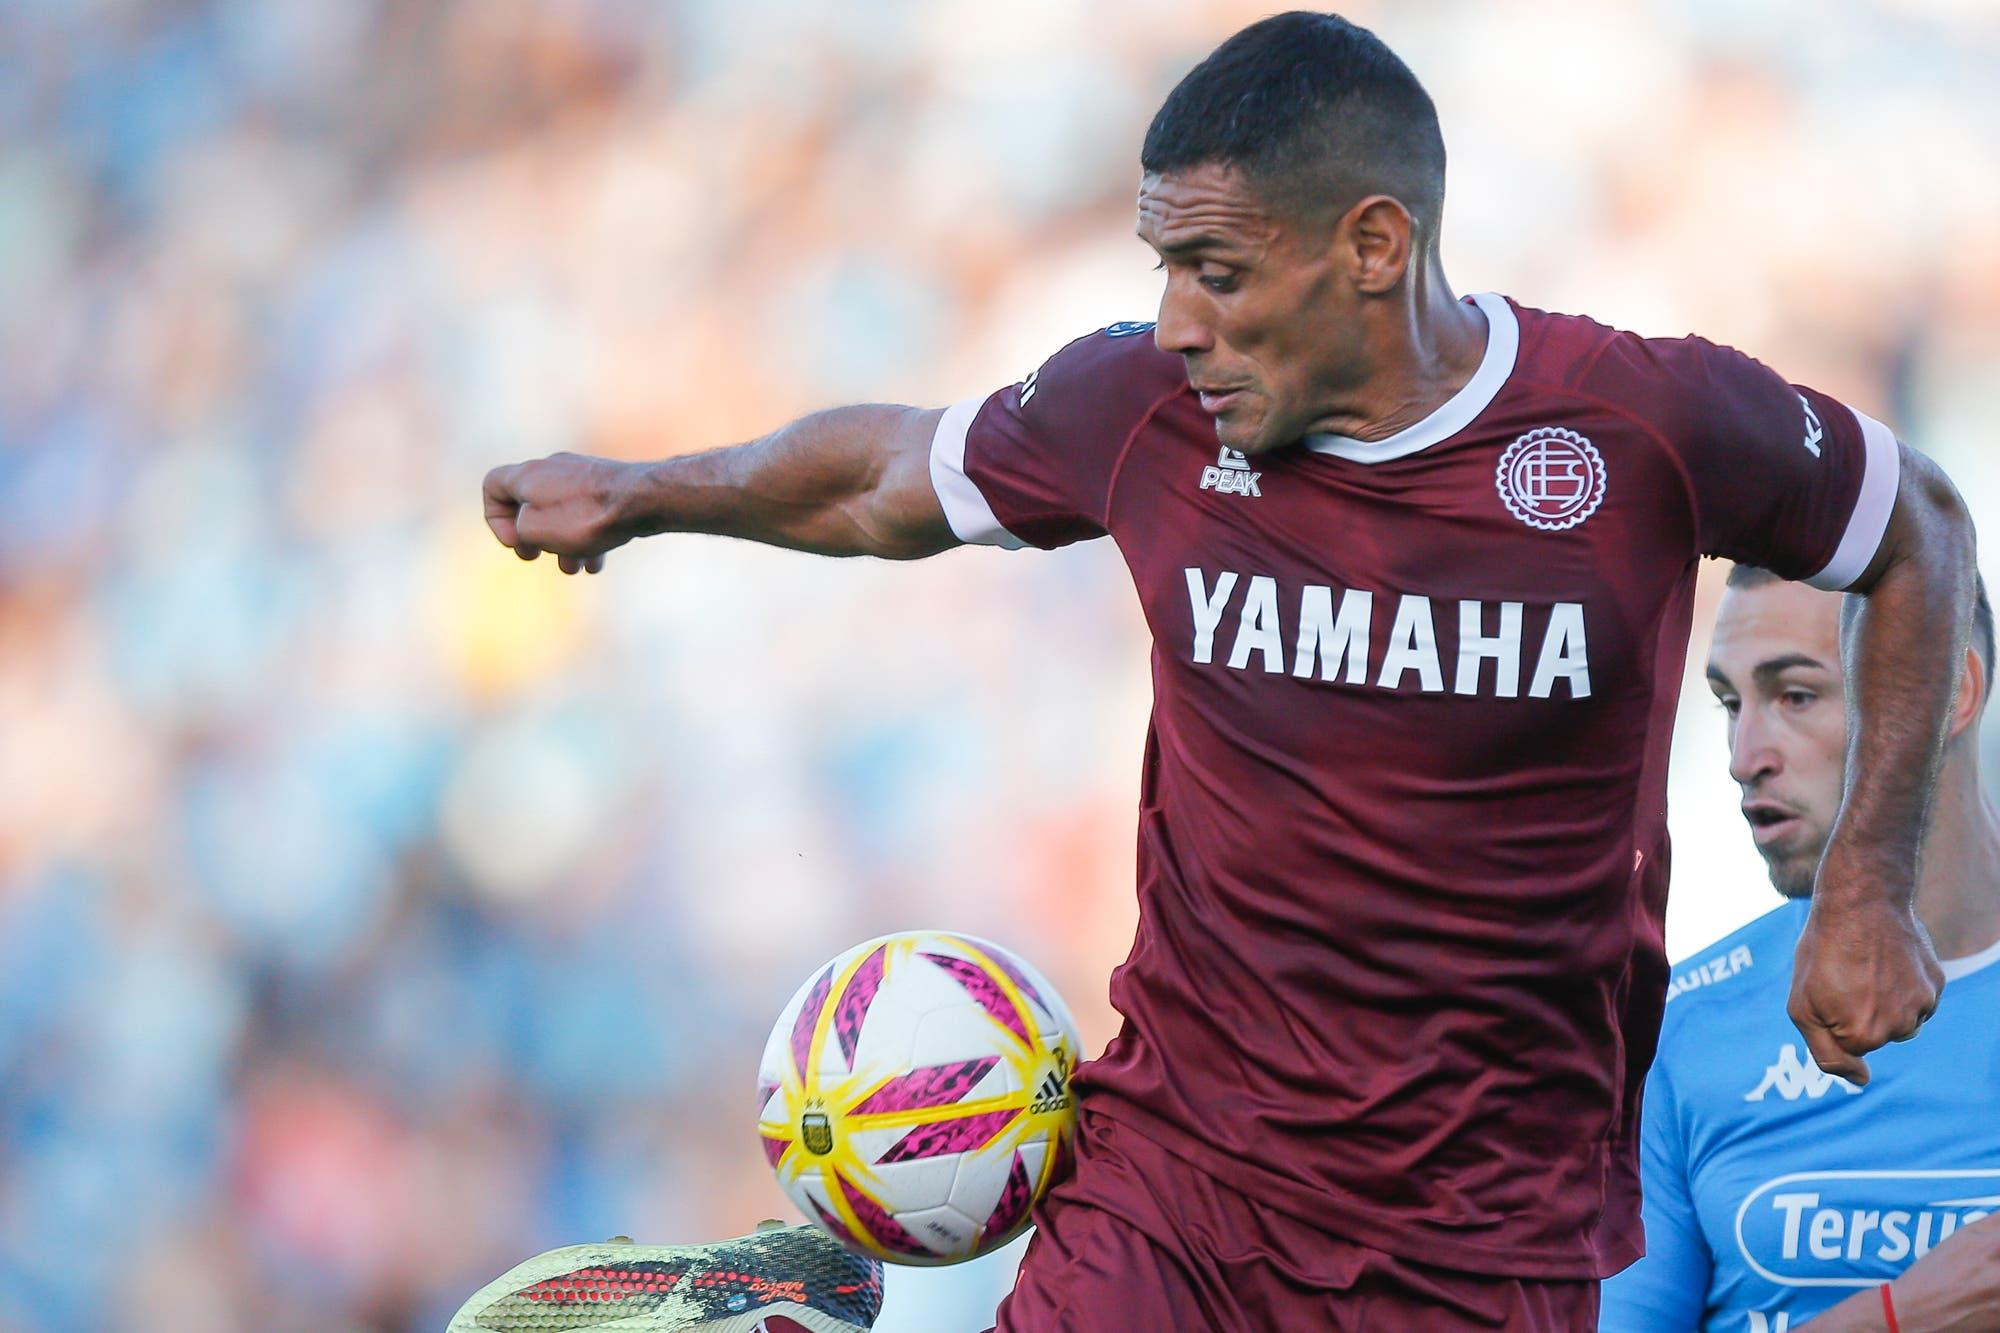 Lanús-Central Córdoba, Superliga: el granate gana con un gol de Auzqui, tras una genialidad de José Sand